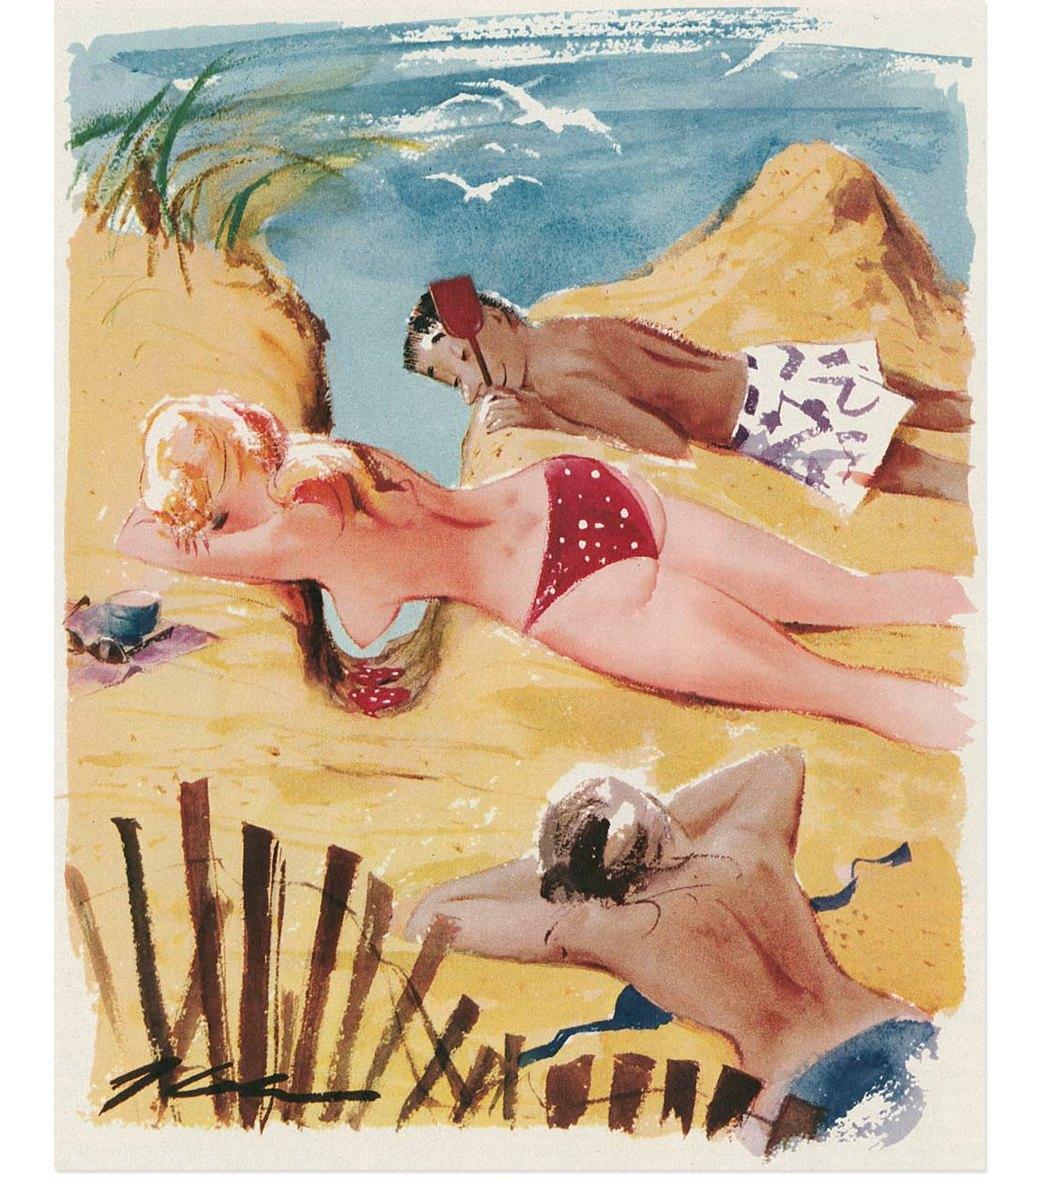 Эротические карикатуры из мужских журналов 1960-х годов. Изображение № 1.